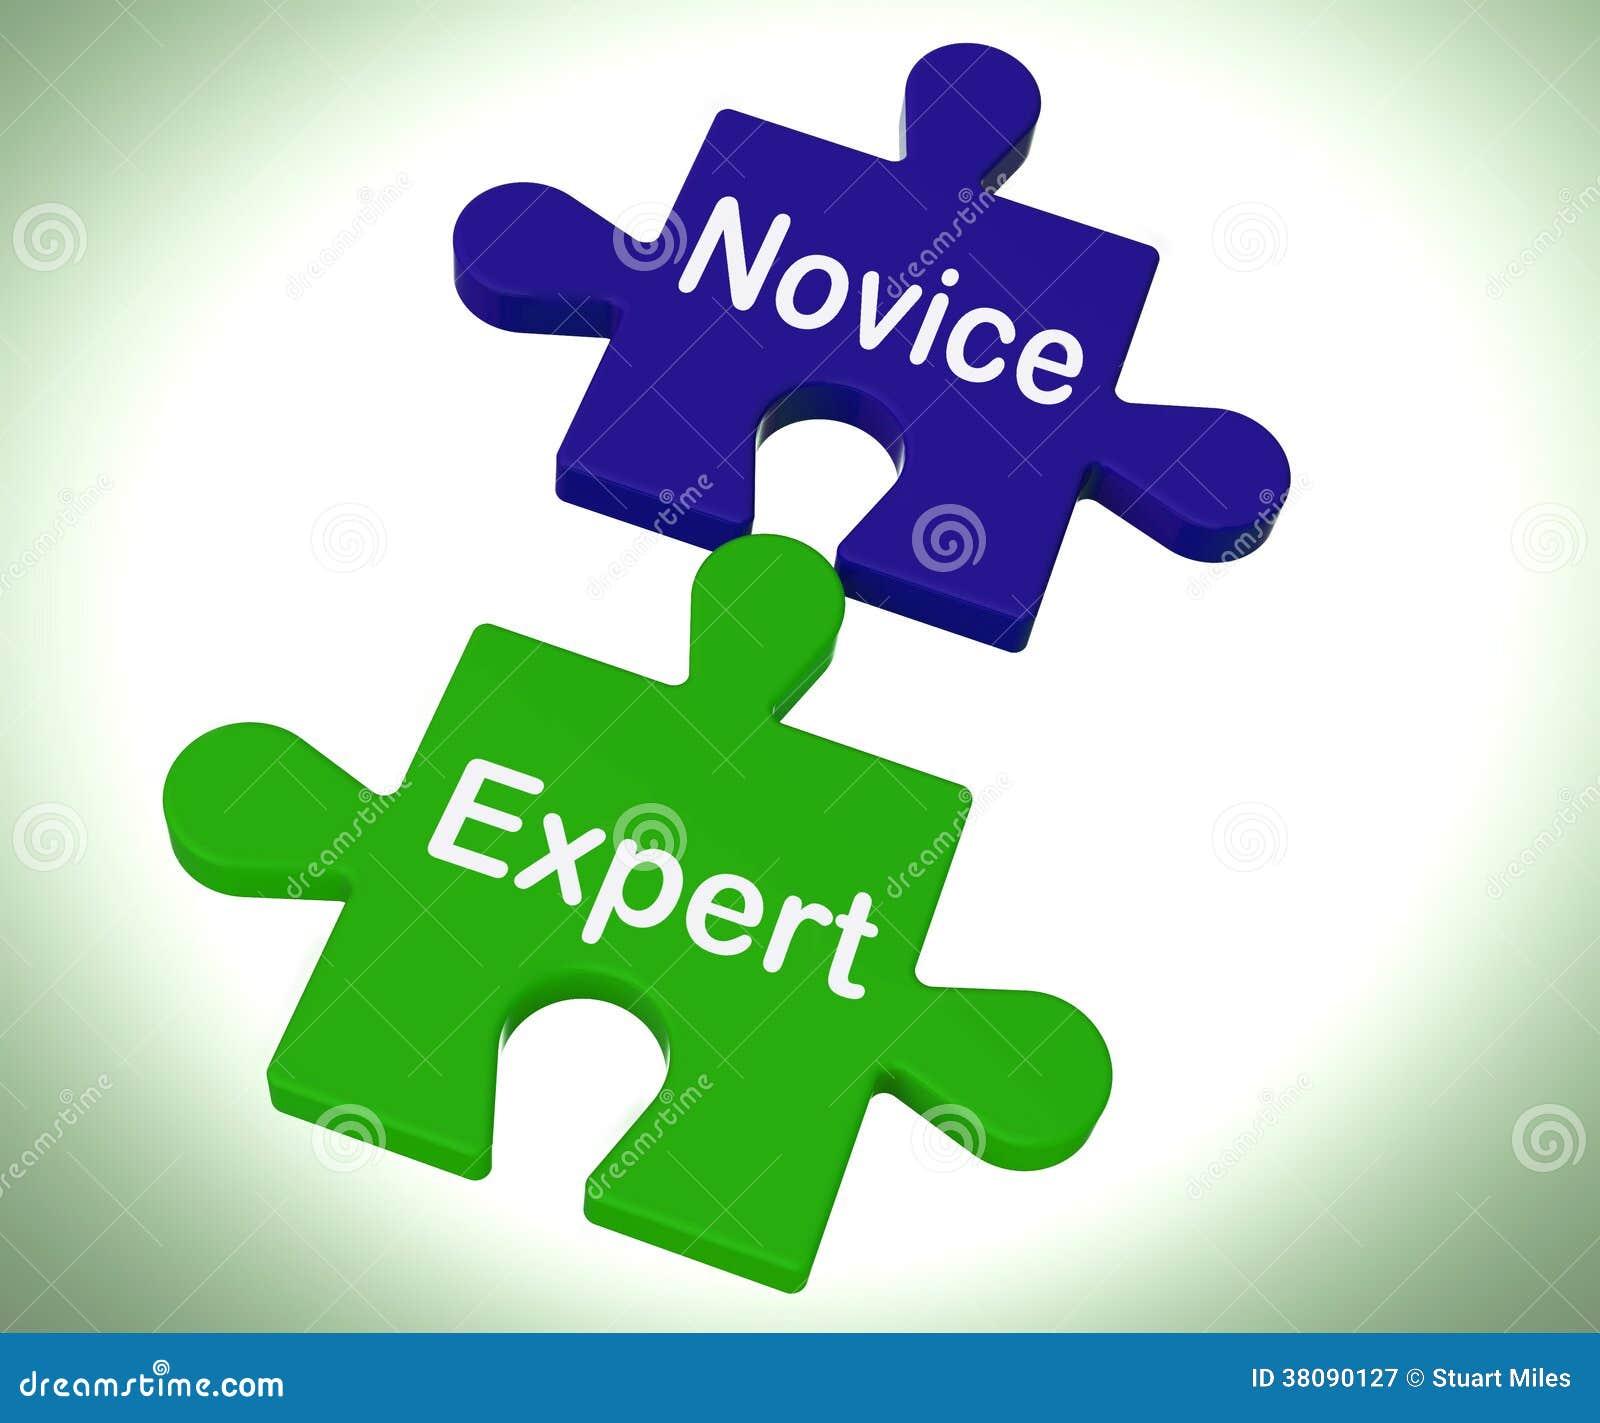 新手专家的难题显示不熟练和专业